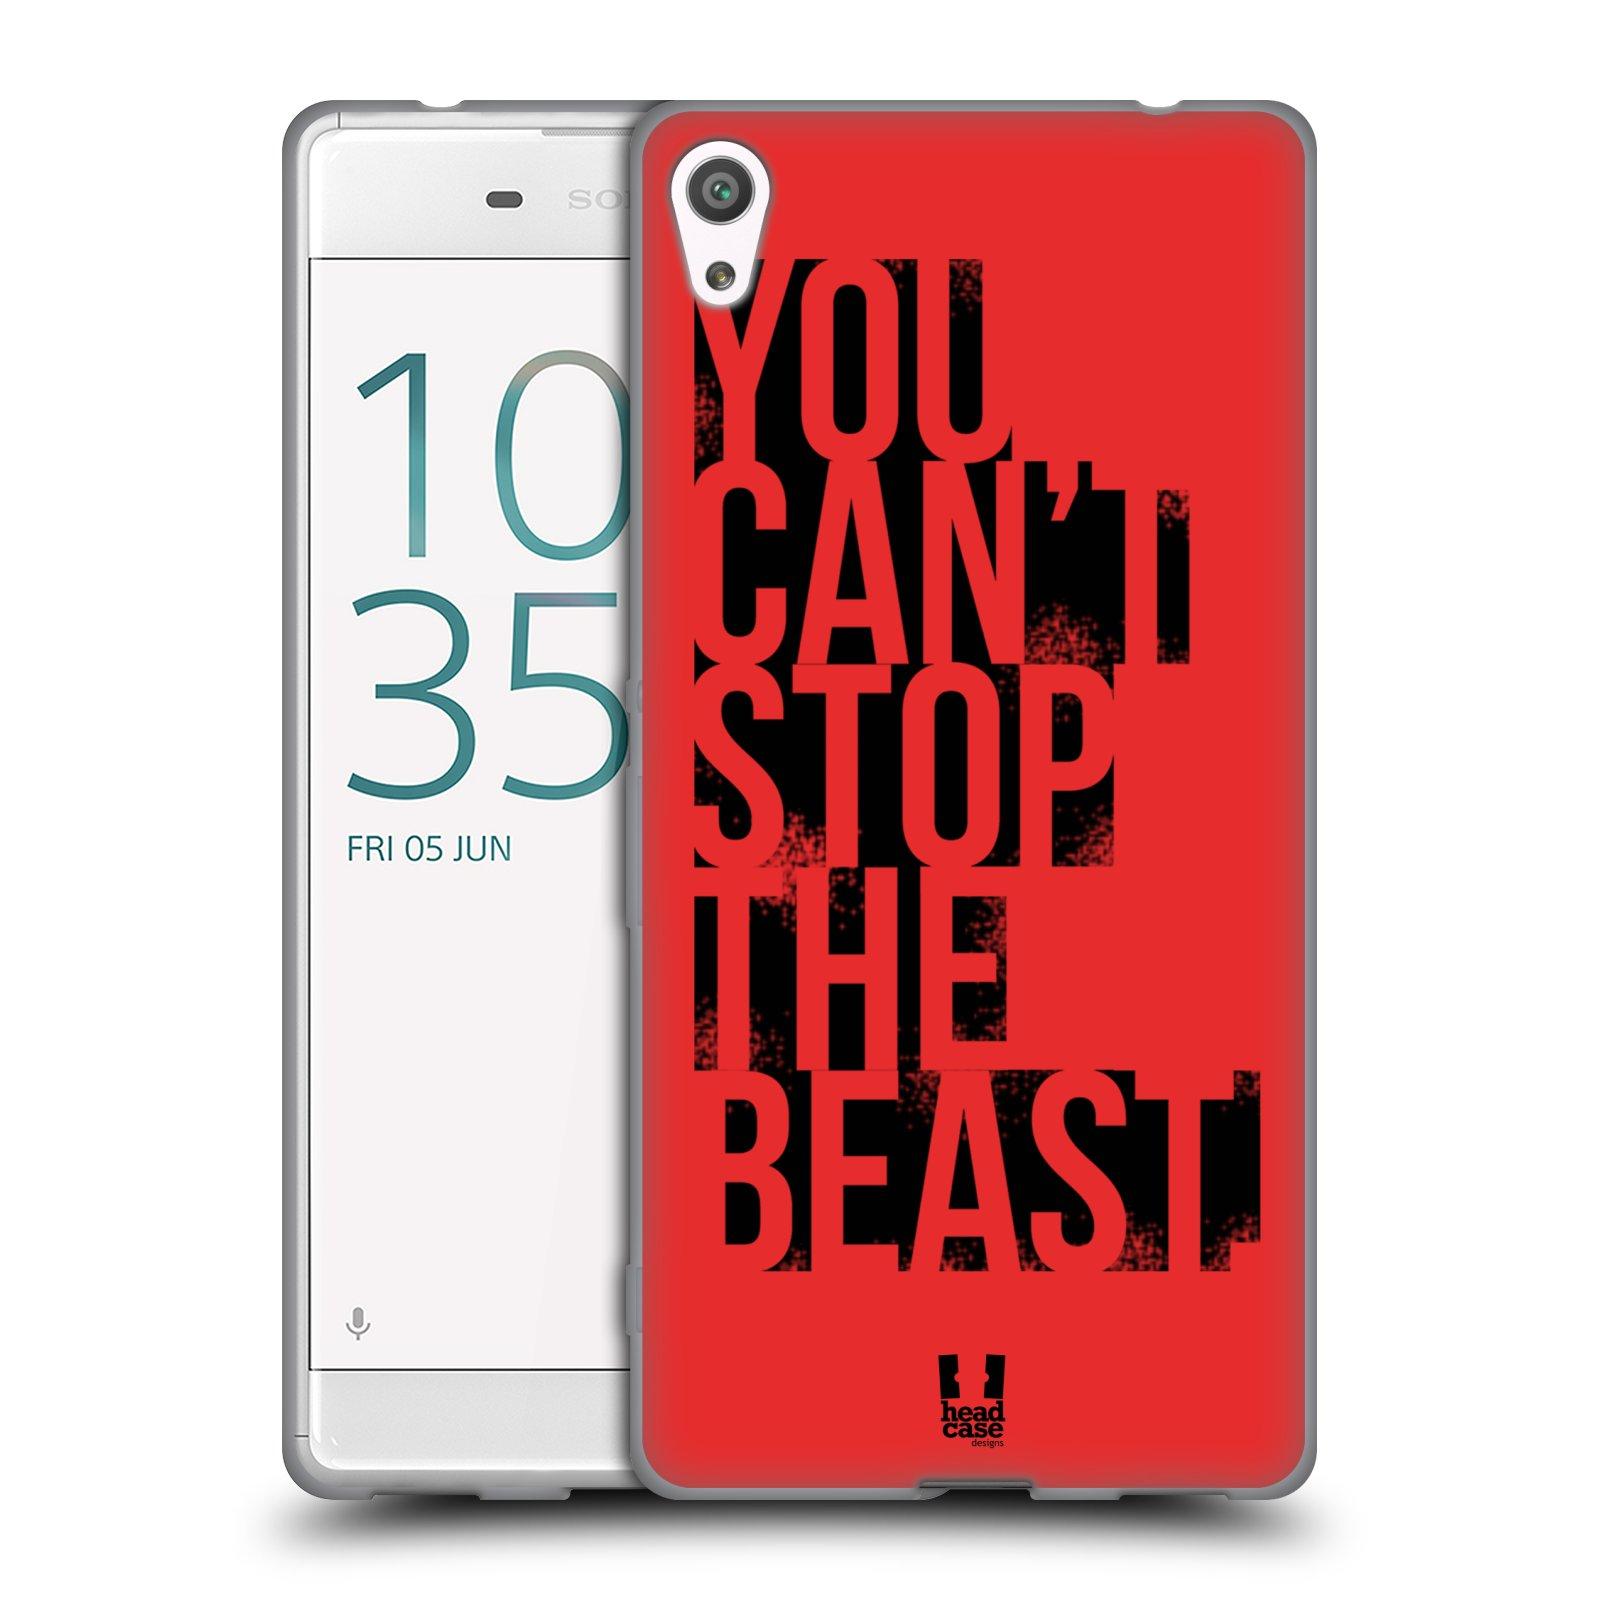 HEAD CASE silikonový obal na mobil Sony Xperia XA ULTRA Sportovní tématika Beast mode červená